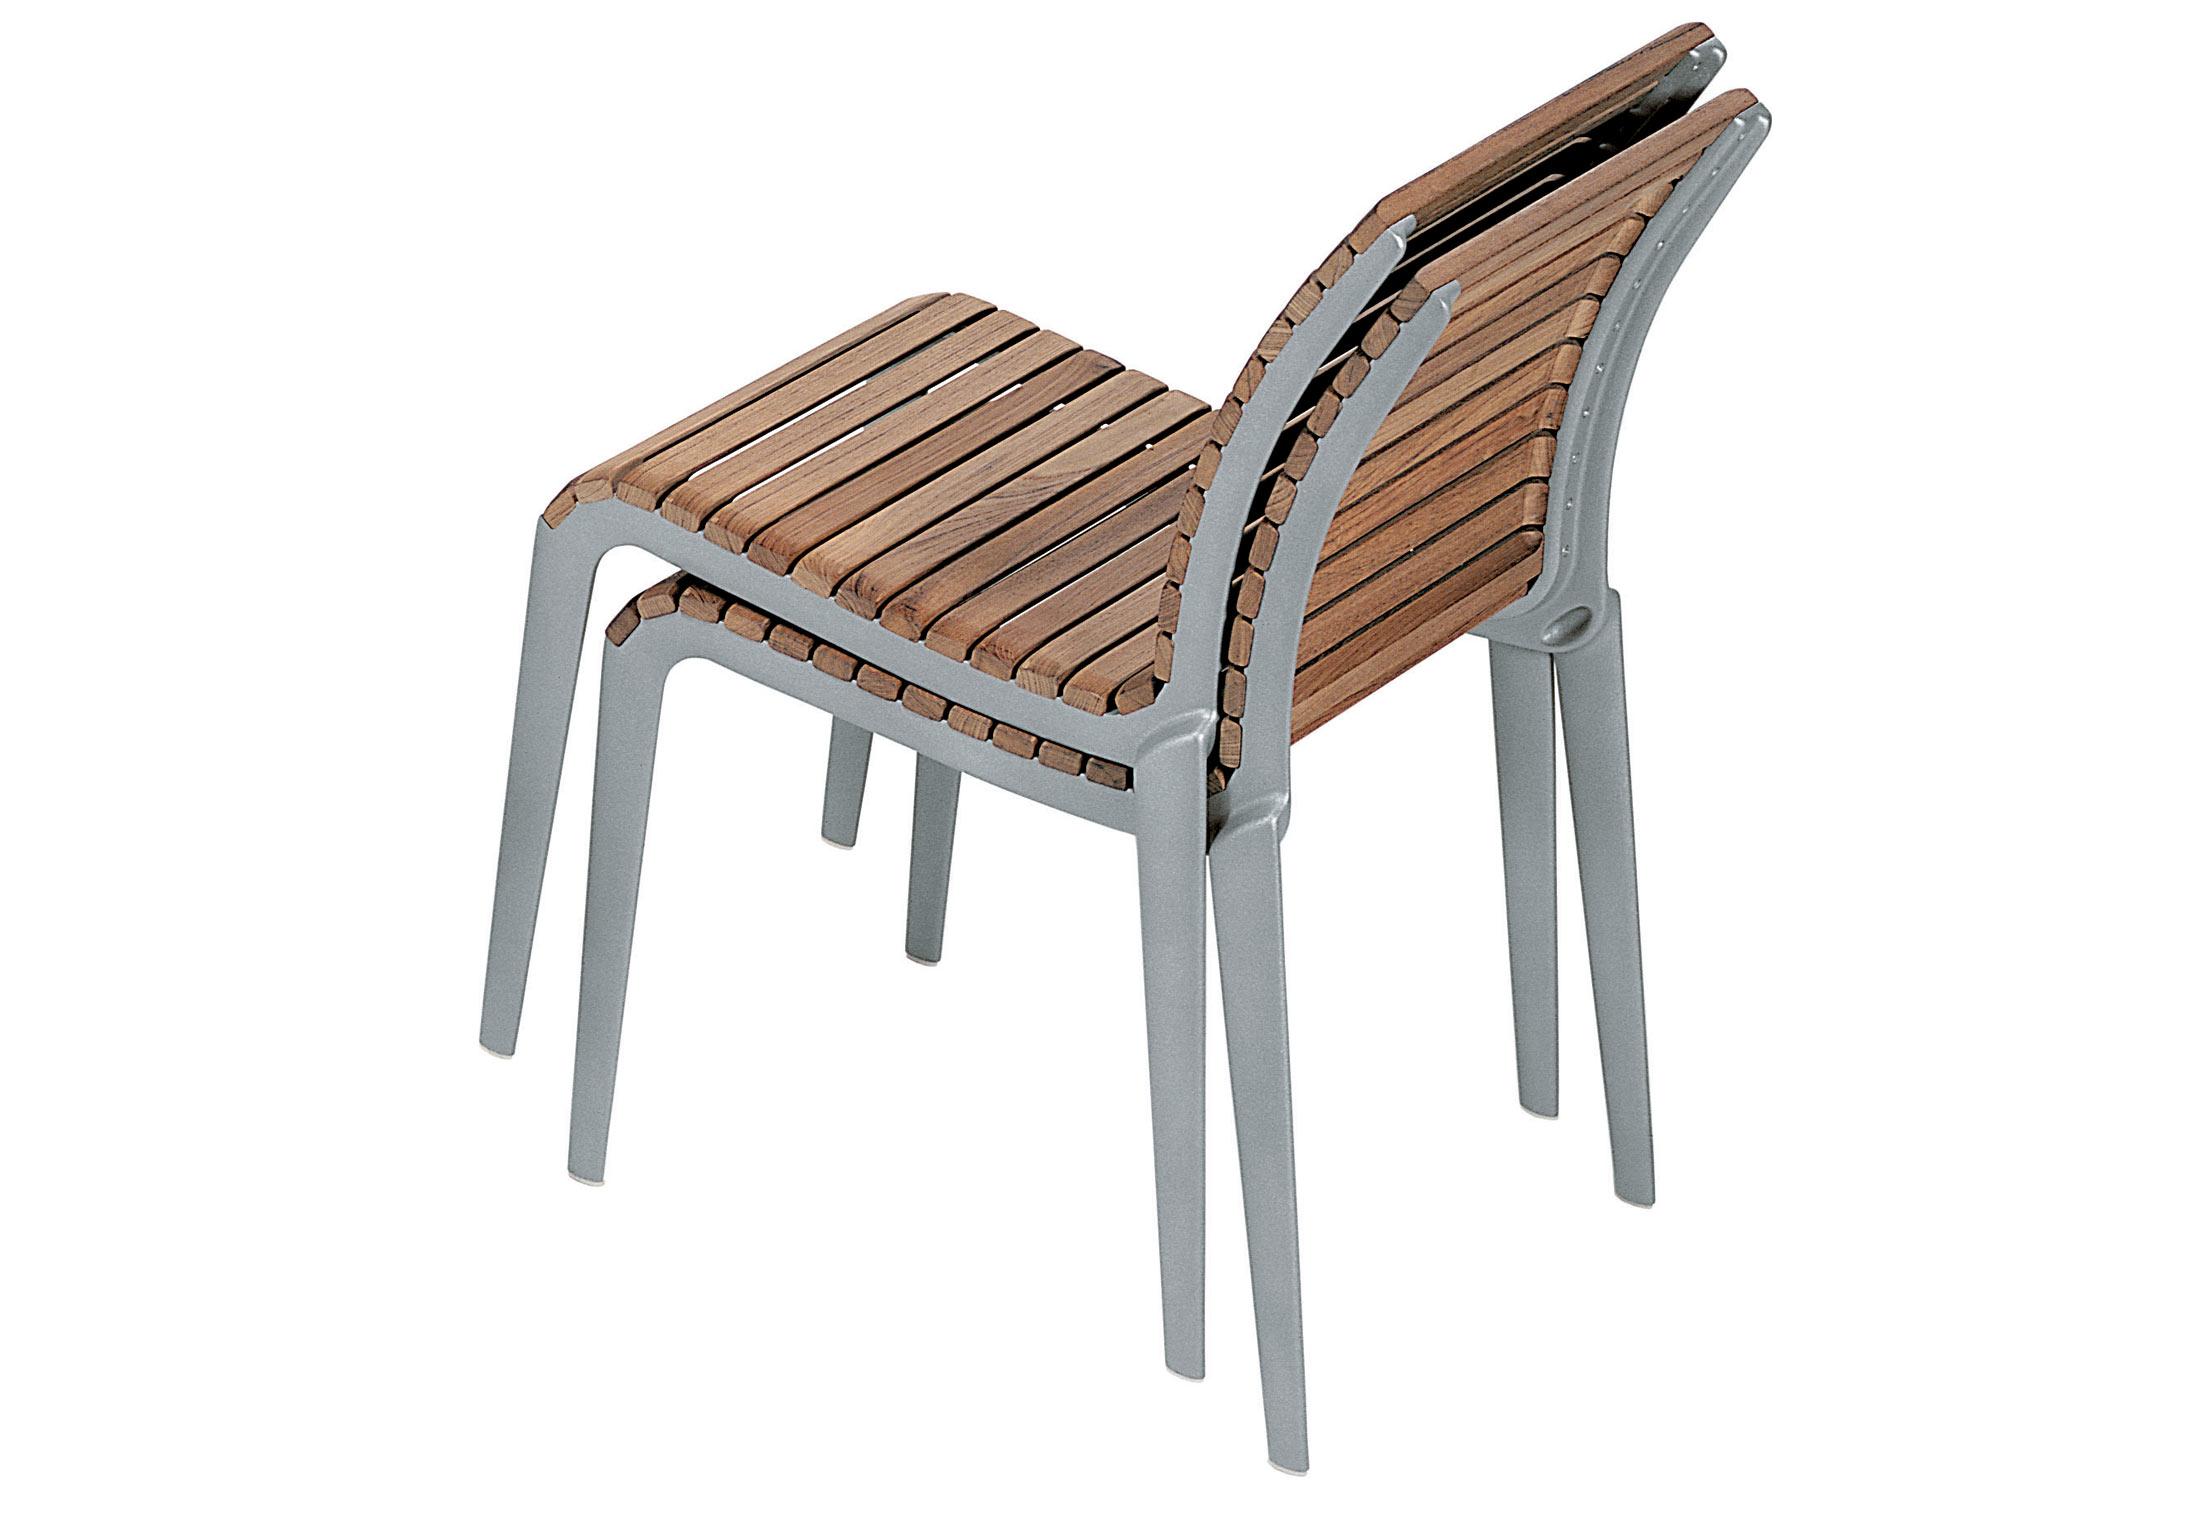 teak chair 475 by Alias